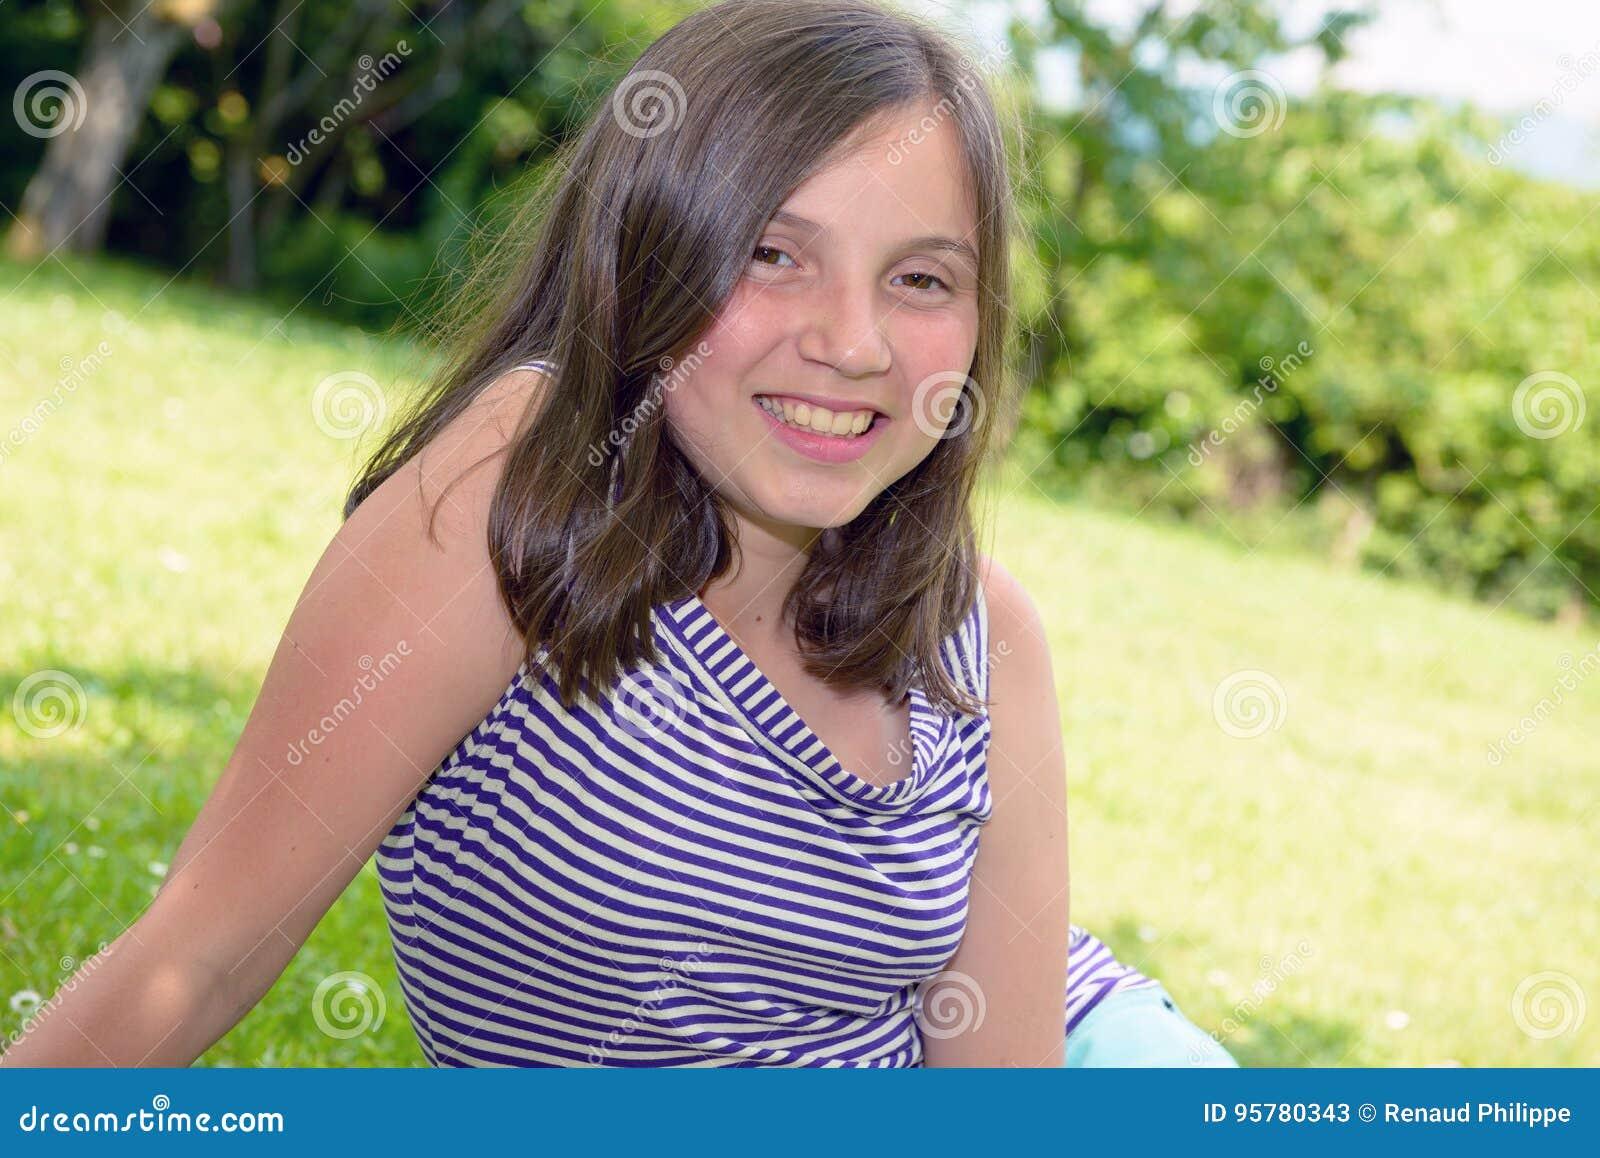 Portrait de jeune adolescent assez beau, dehors